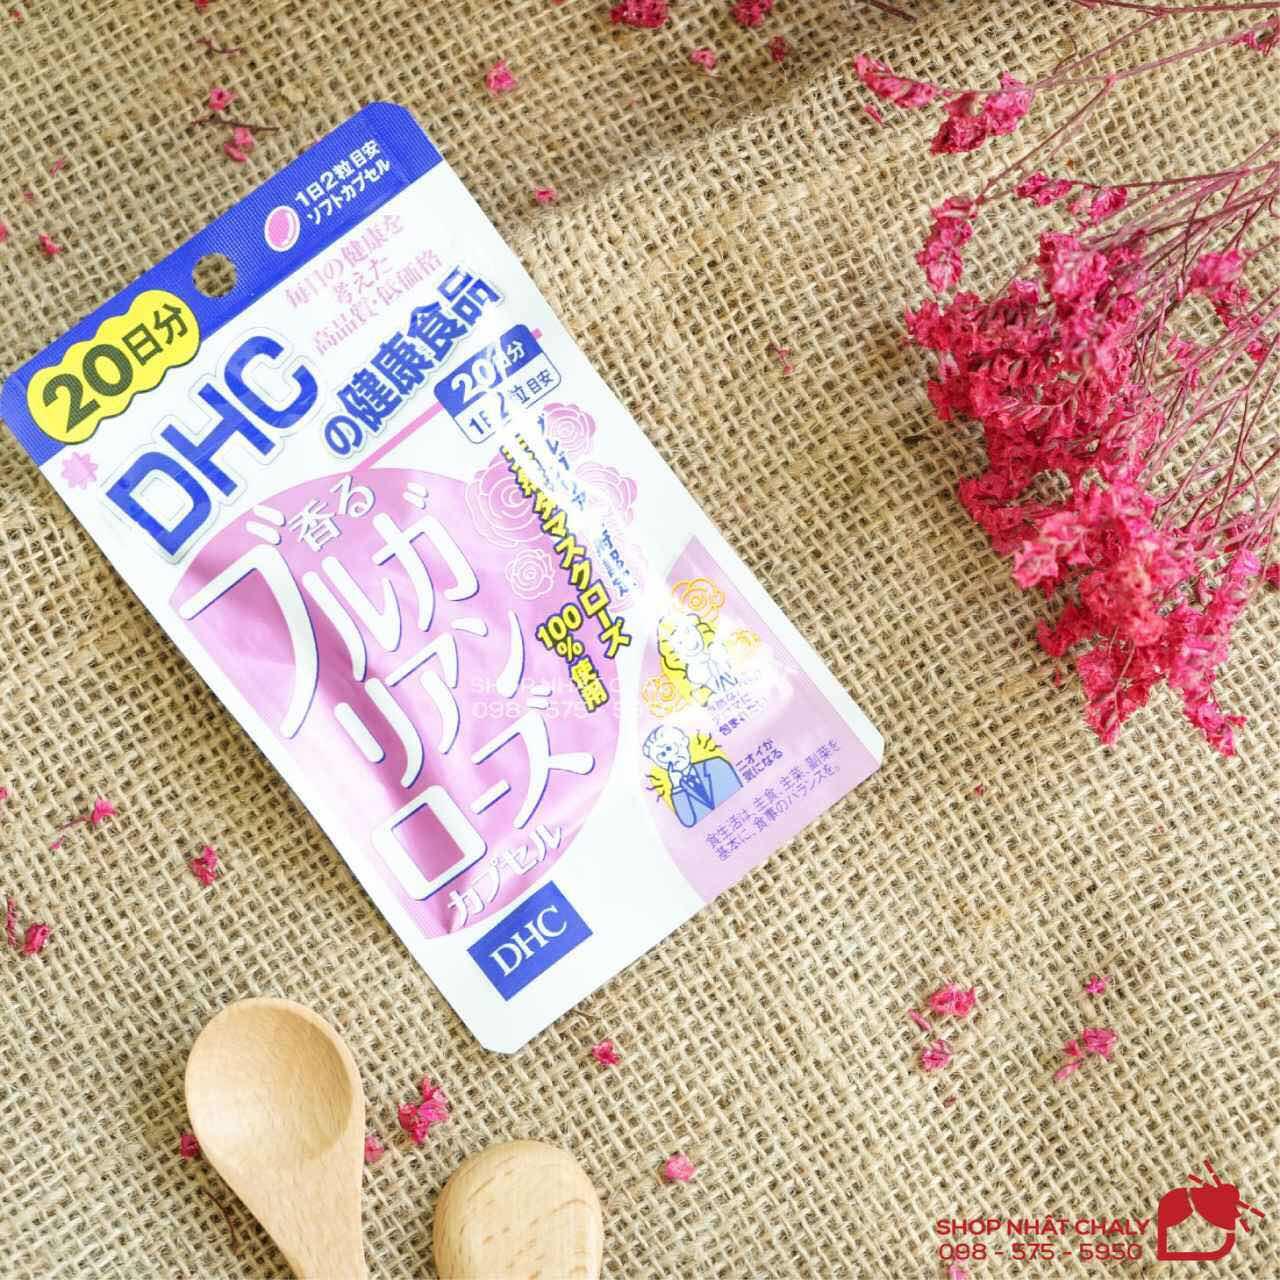 Viên uống thơm cơ thể rose oil xách tay DHC Nhật gói 40 viên 20 ngày